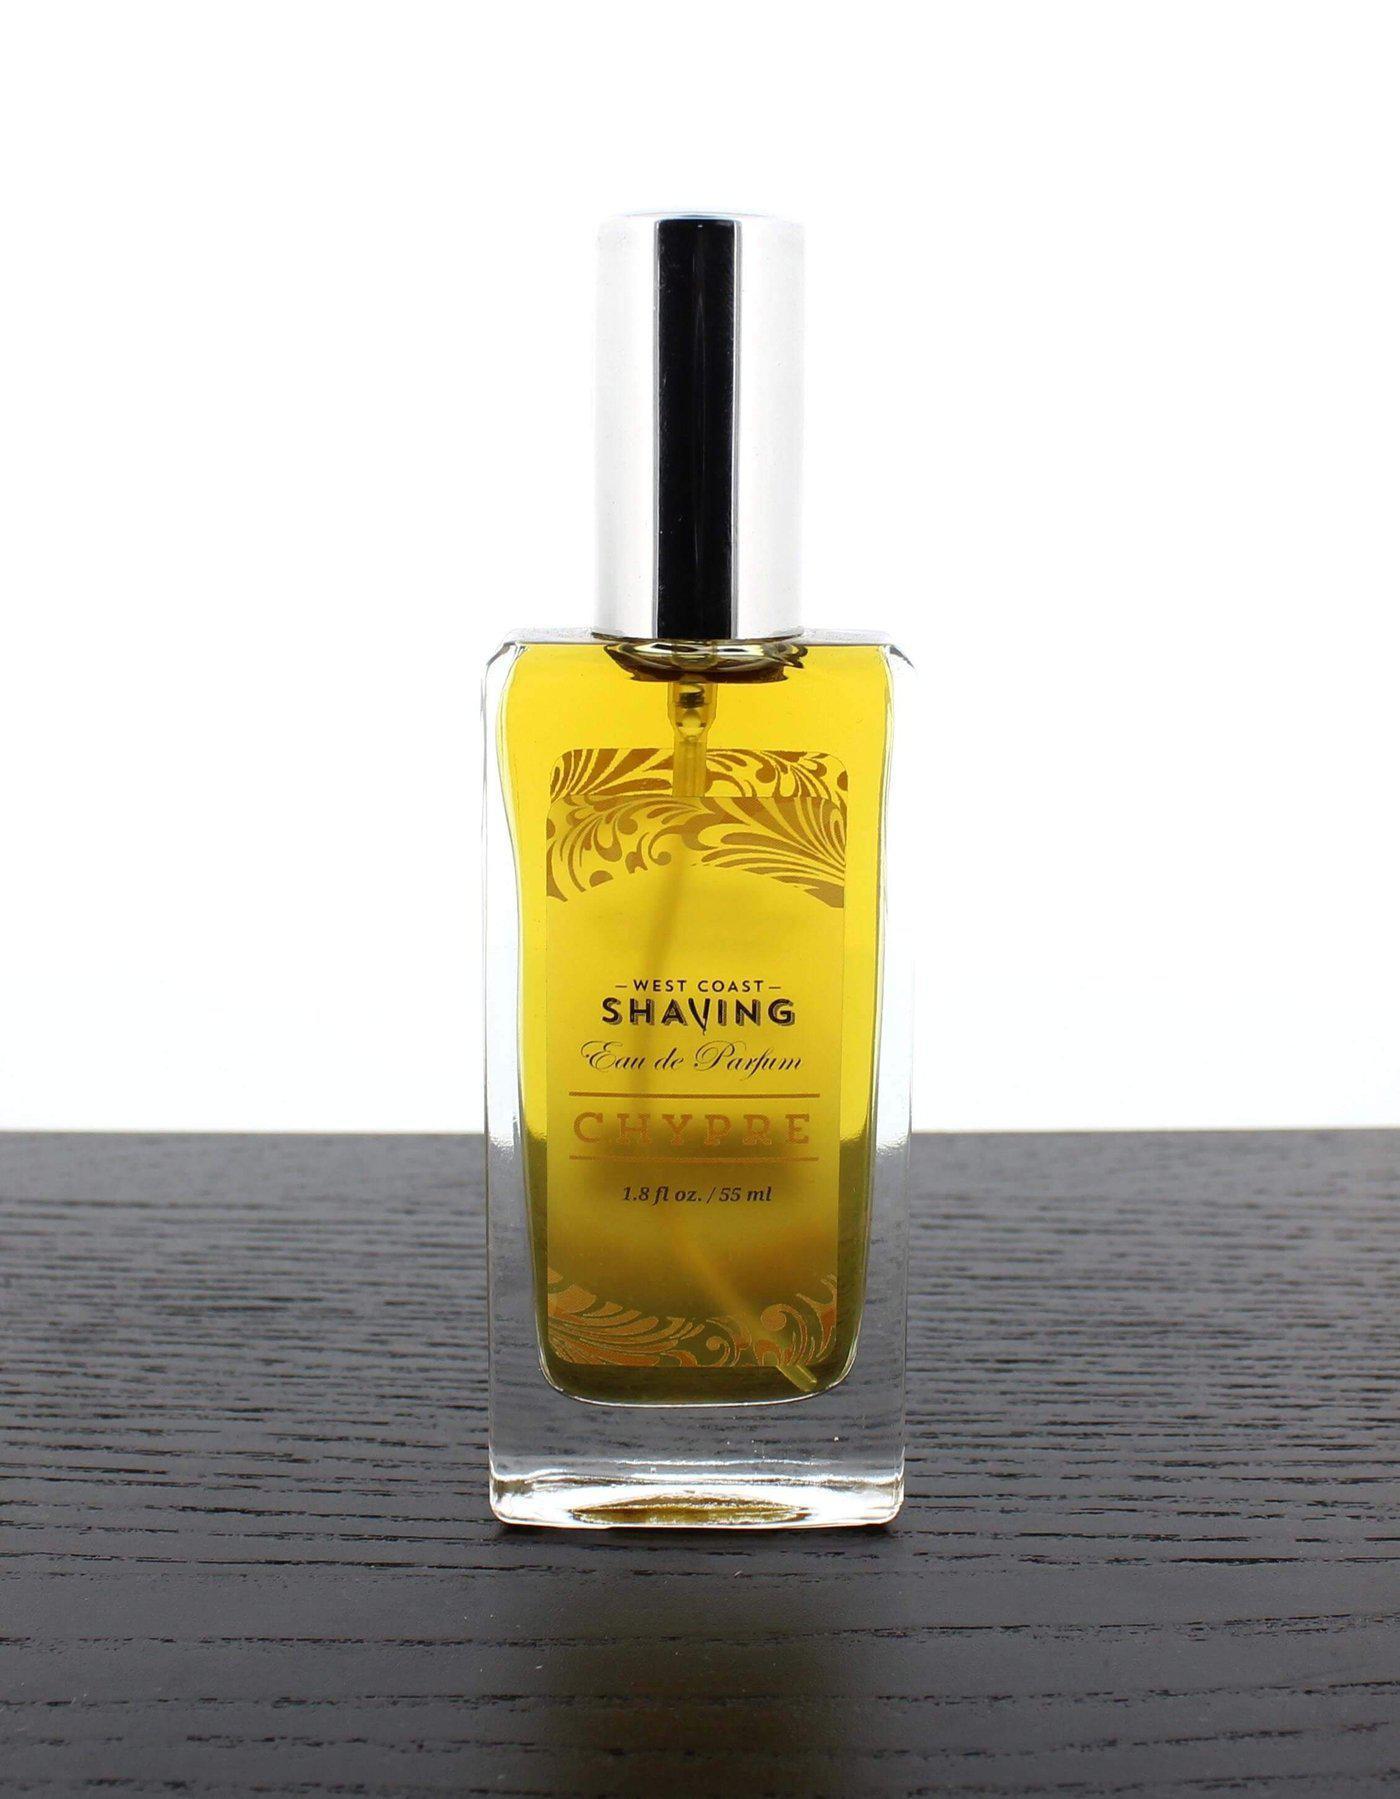 West Coast Shaving - Chypre - Eau de Parfum image